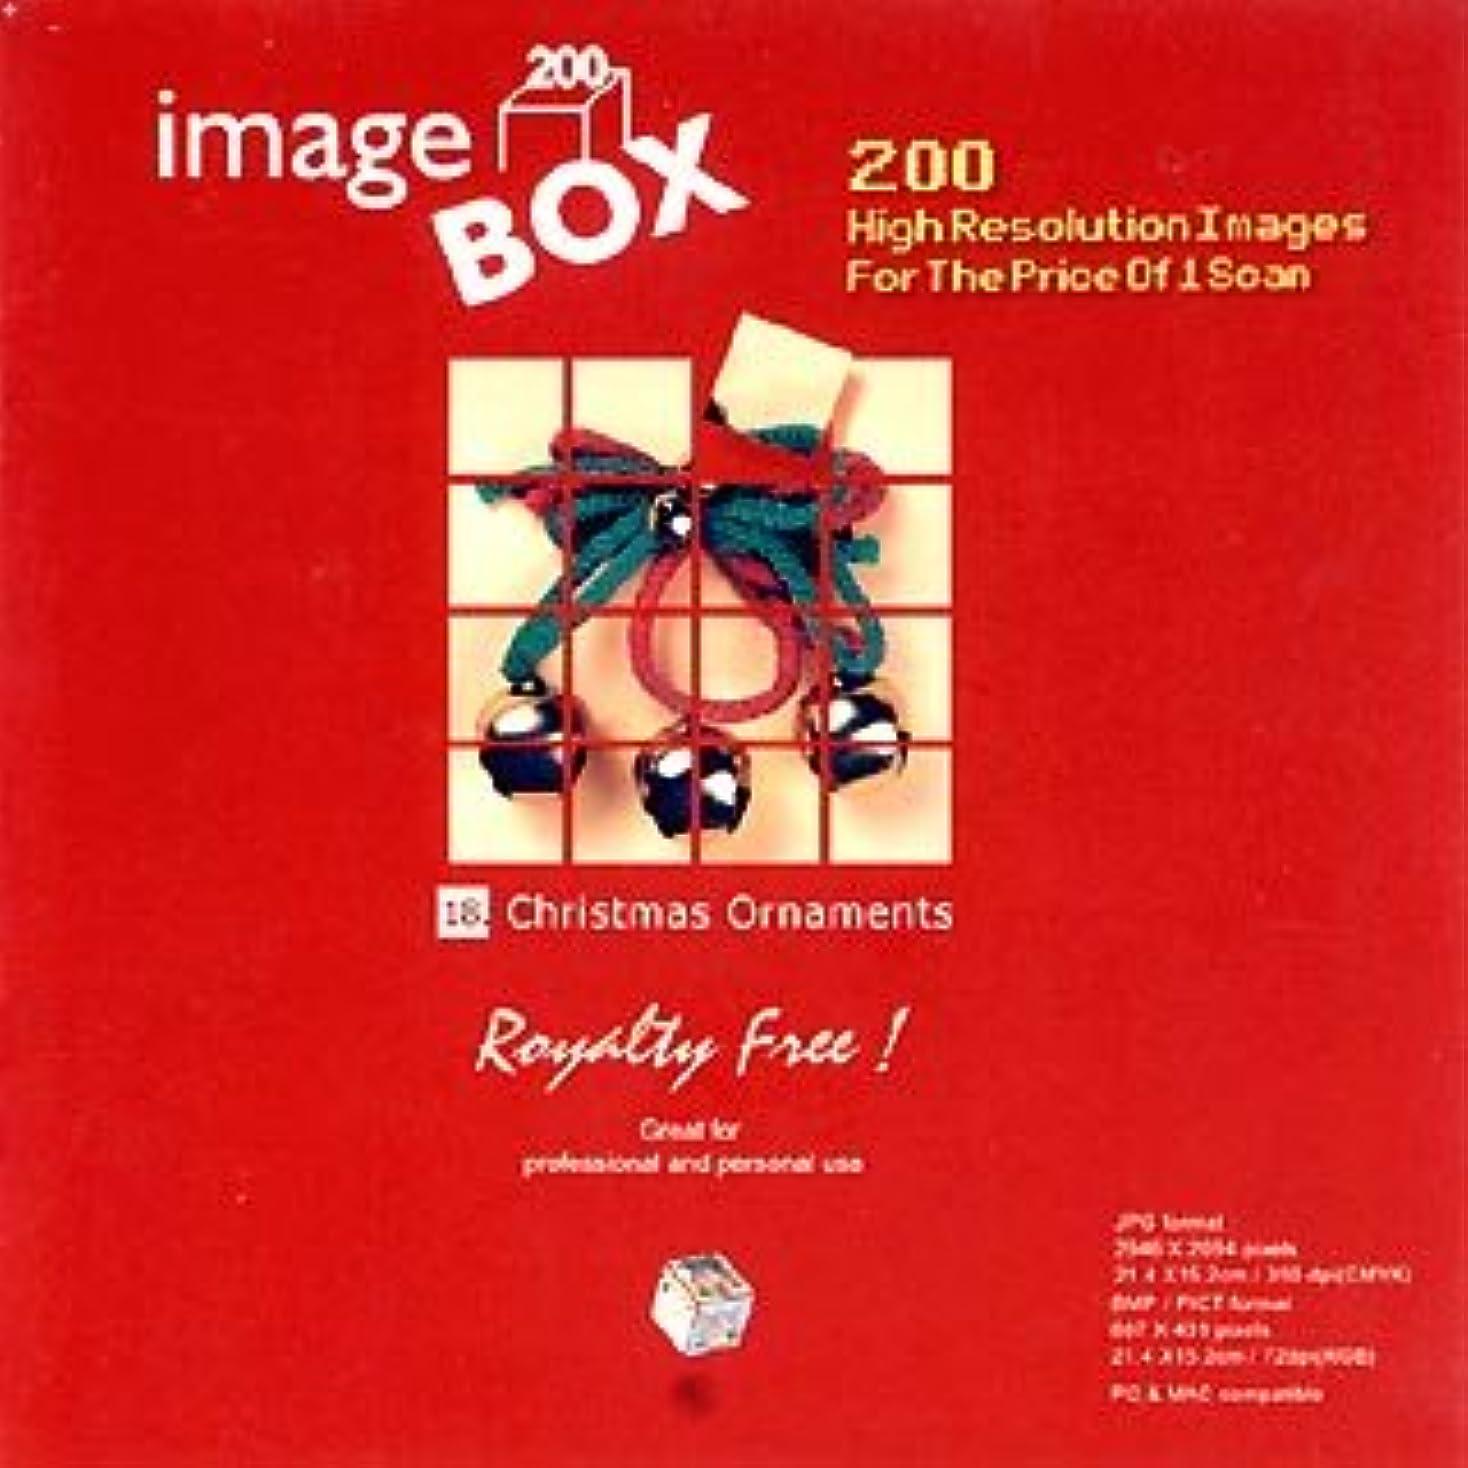 イメージ ボックス Vol.18 クリスマス